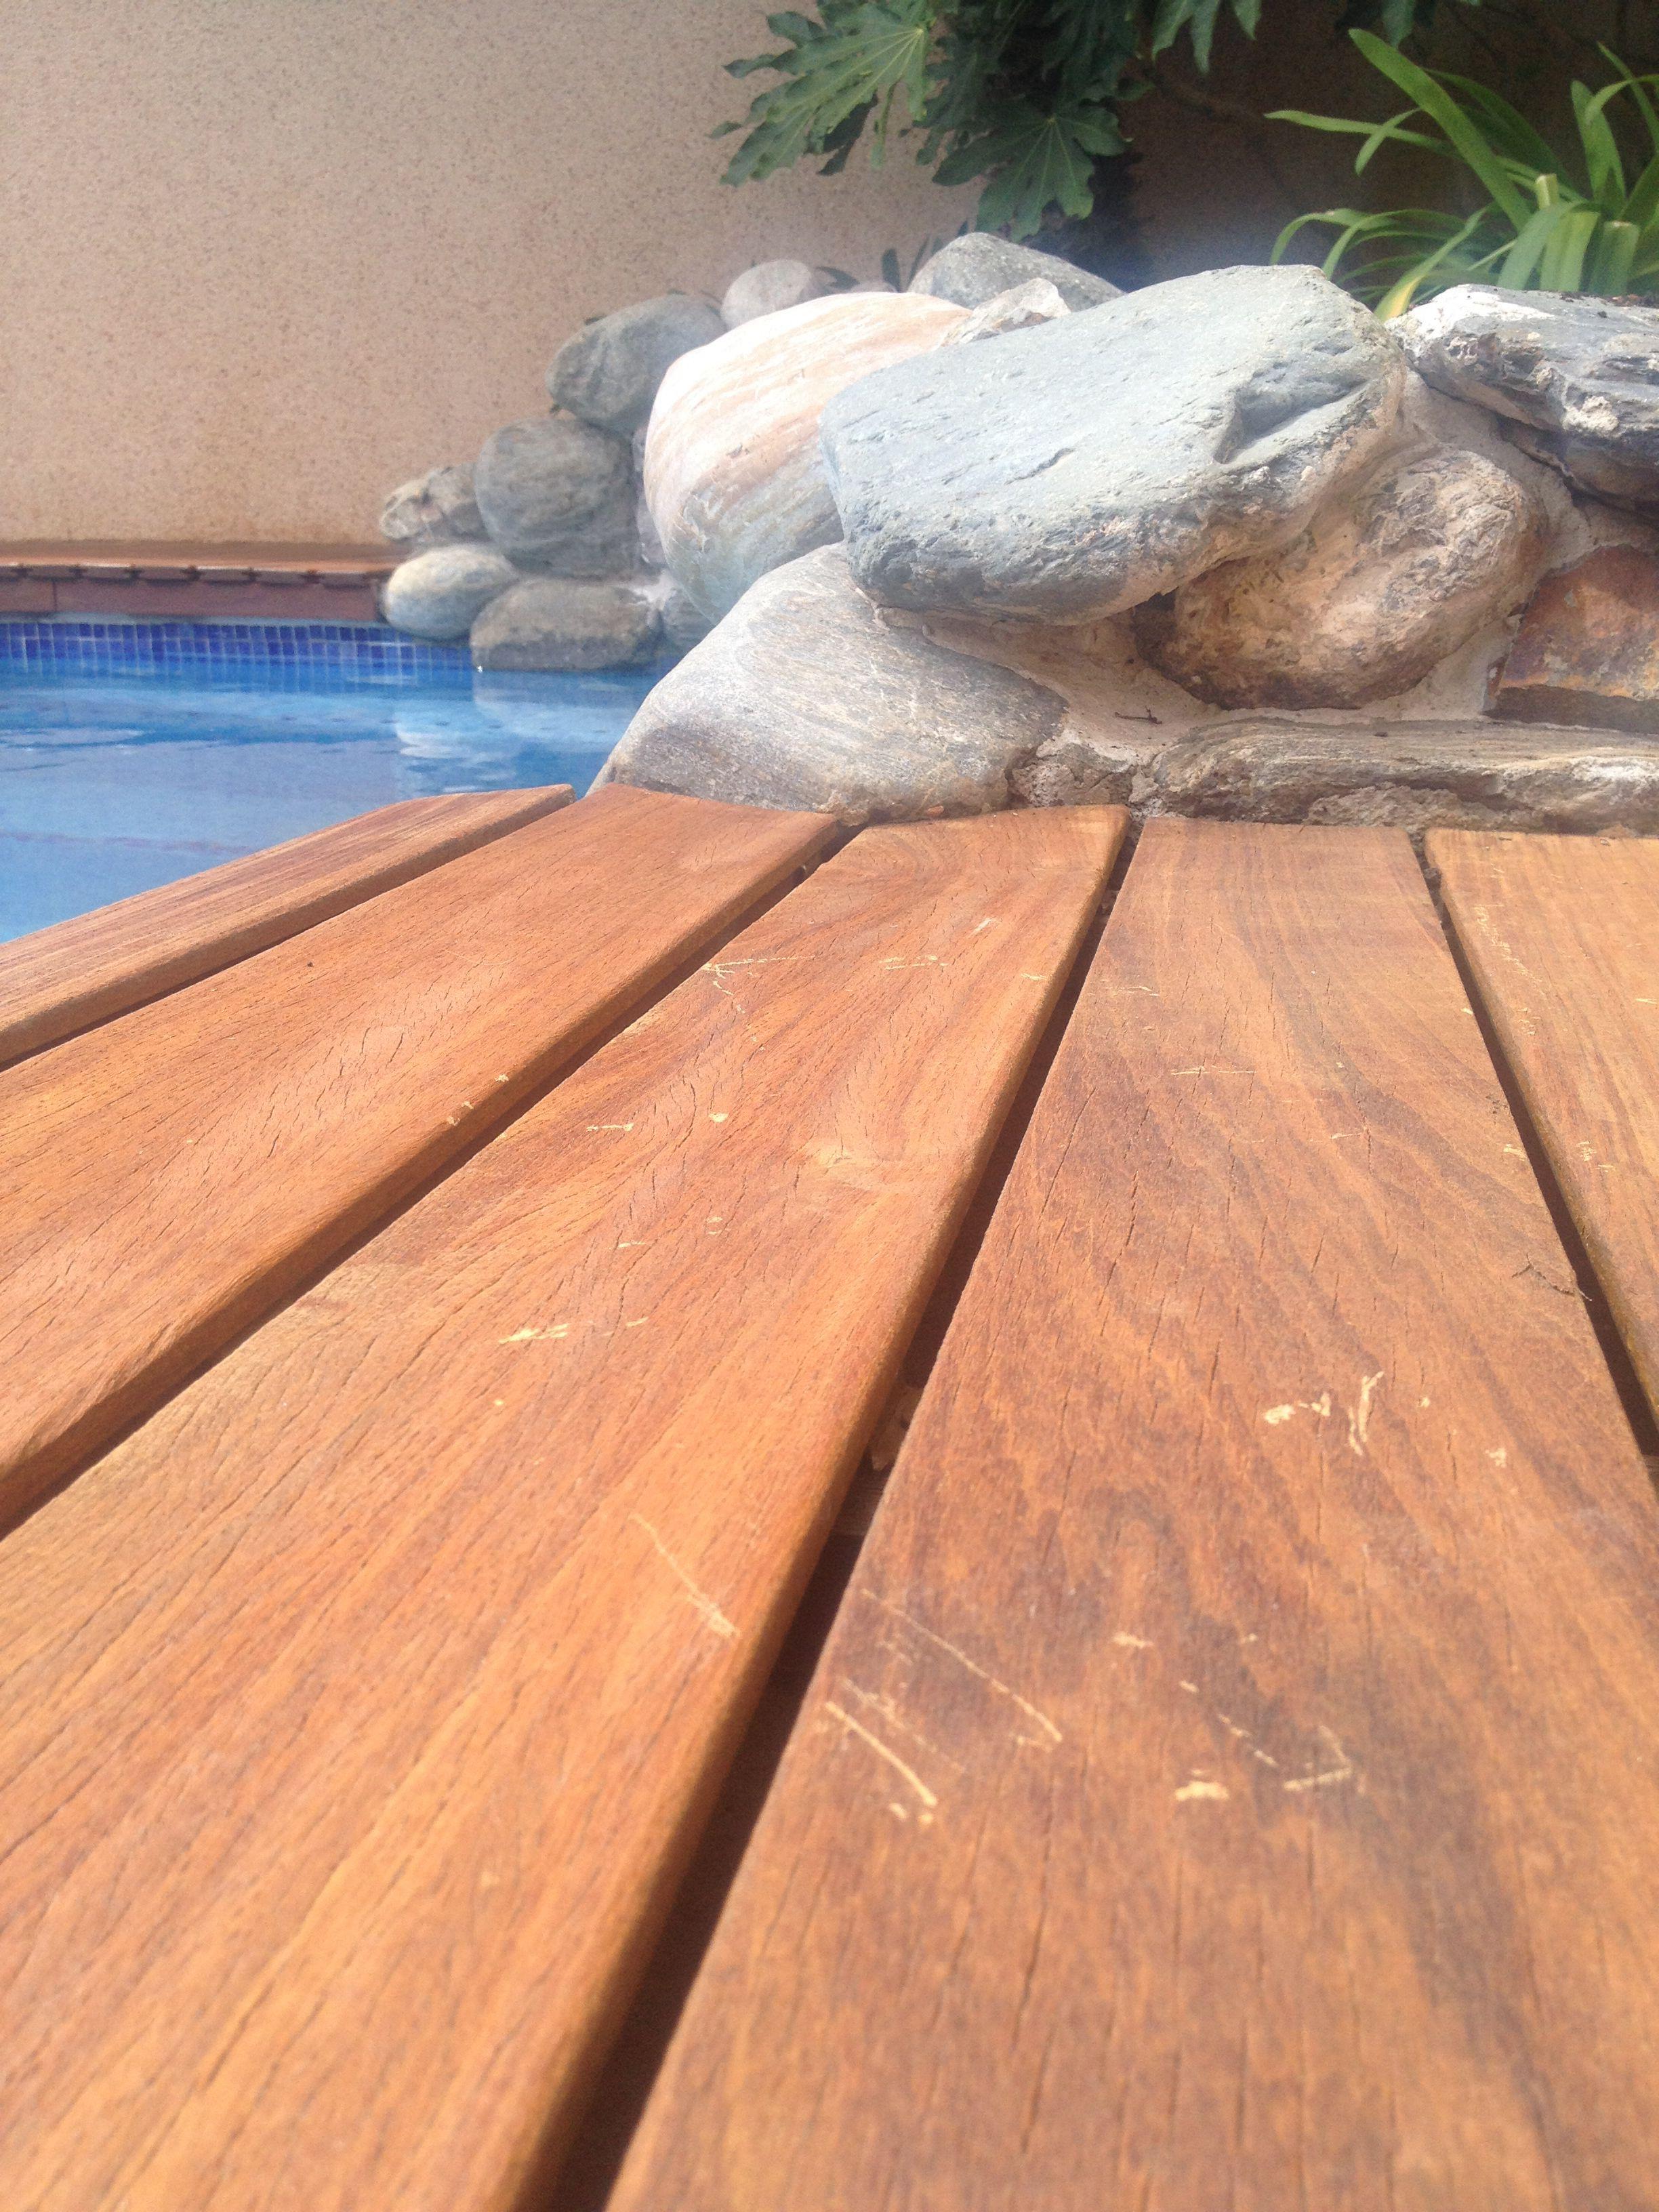 Aquesta tarima està feta amb IP, una fusta tropical k ens aporta una estètica i un tacte que cap altre material pot igualar-ho. Ens cal un manteniment anual per poder mantenir-la en un bon estat!!!!